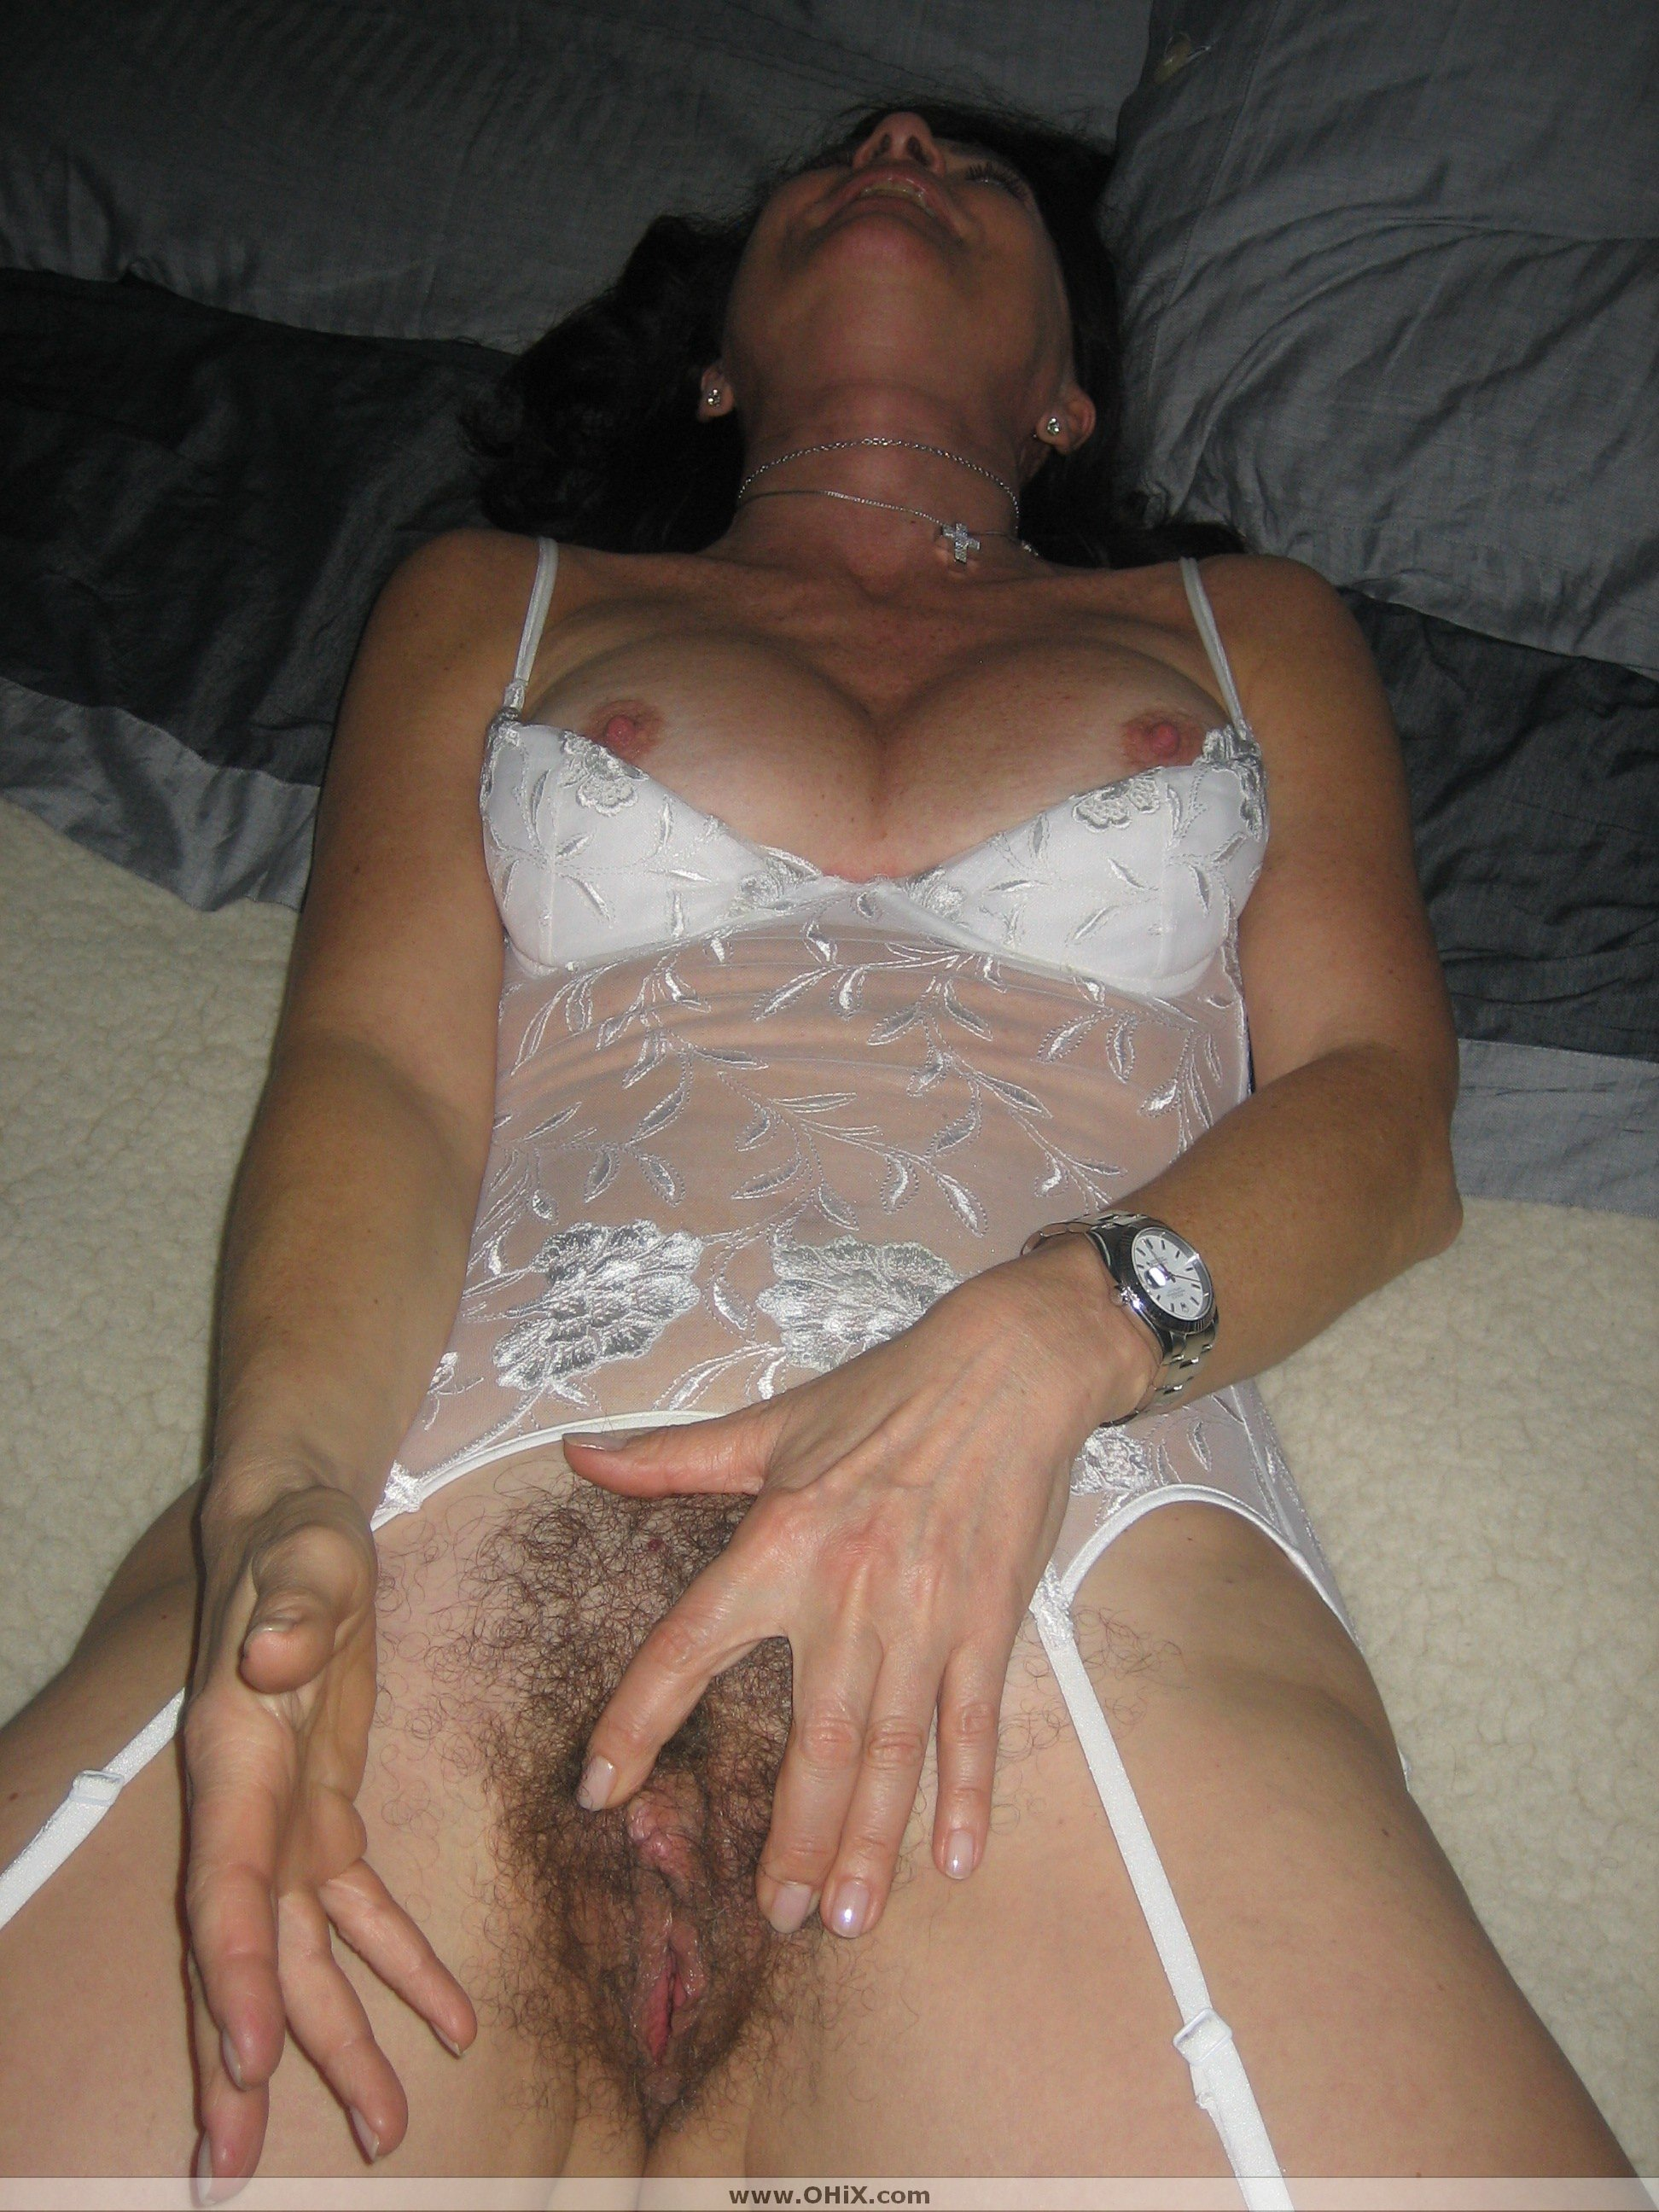 Фото оргазма бесплатно 24 фотография